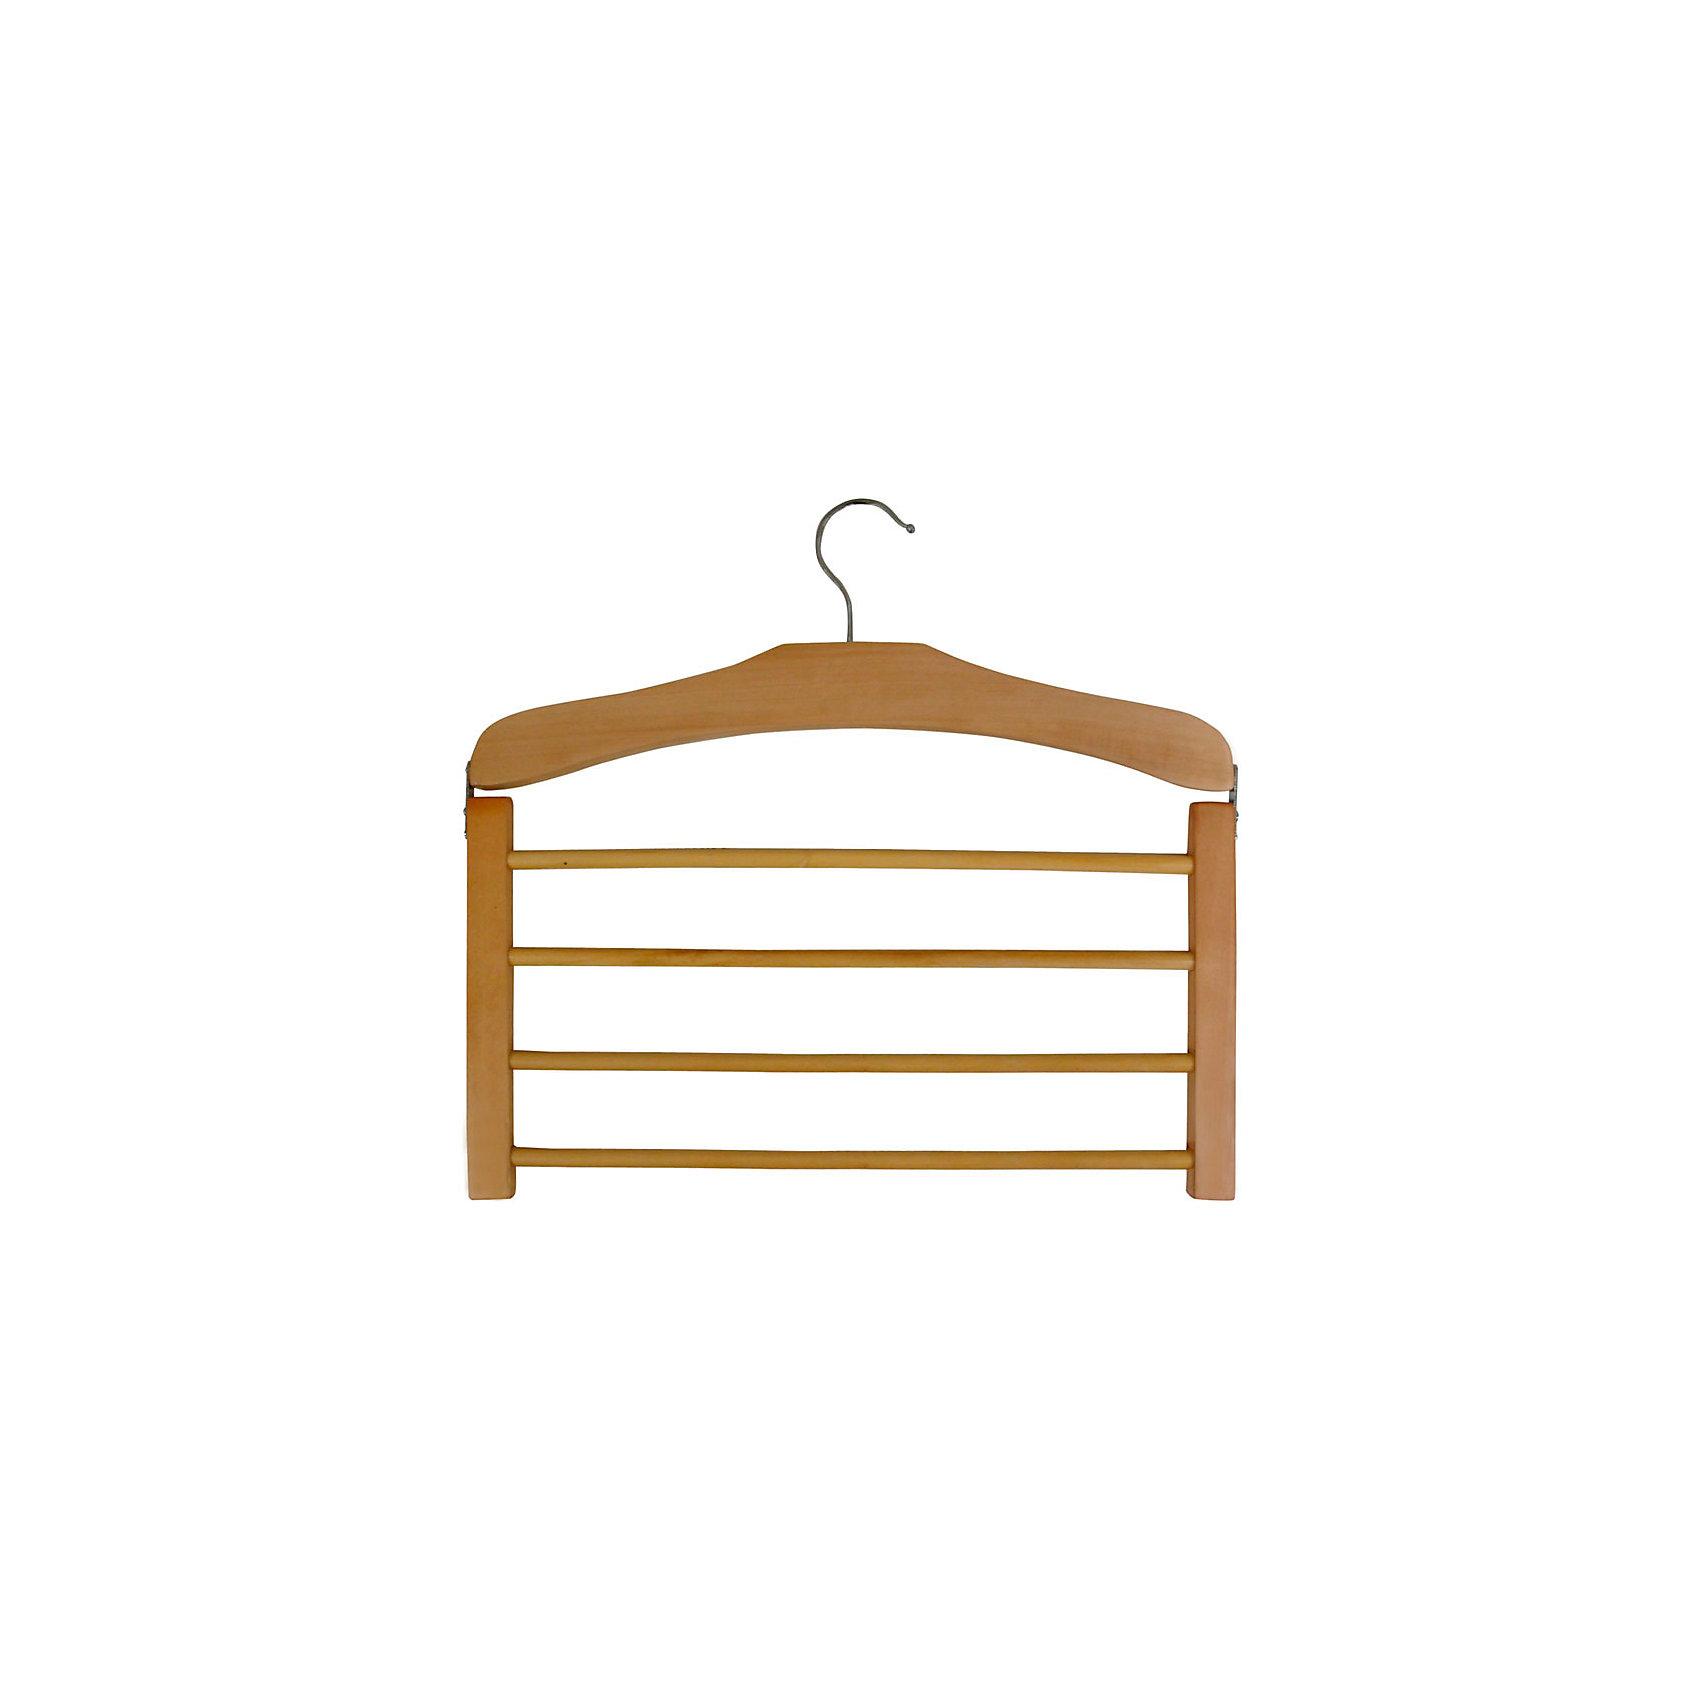 Вешалка деревянная SS2 для брюк, 4 перекладины, Рыжий КотАккуратно и компактно поместить брюки в шкафу поможет вешалка 4в1. Крепкая вешалка выполнена из дерева, имеет 4 перекладины.<br><br>Дополнительная информация:<br><br>Размер: 39,1х33,2х1,52 см<br>Материал: дерево<br>Крючок: металл<br><br>Вешалку деревянную SS2 для брюк, 4 перекладины, Рыжий Кот можно купить в нашем интернет-магазине.<br><br>Ширина мм: 391<br>Глубина мм: 332<br>Высота мм: 15<br>Вес г: 298<br>Возраст от месяцев: 36<br>Возраст до месяцев: 1080<br>Пол: Унисекс<br>Возраст: Детский<br>SKU: 4989792